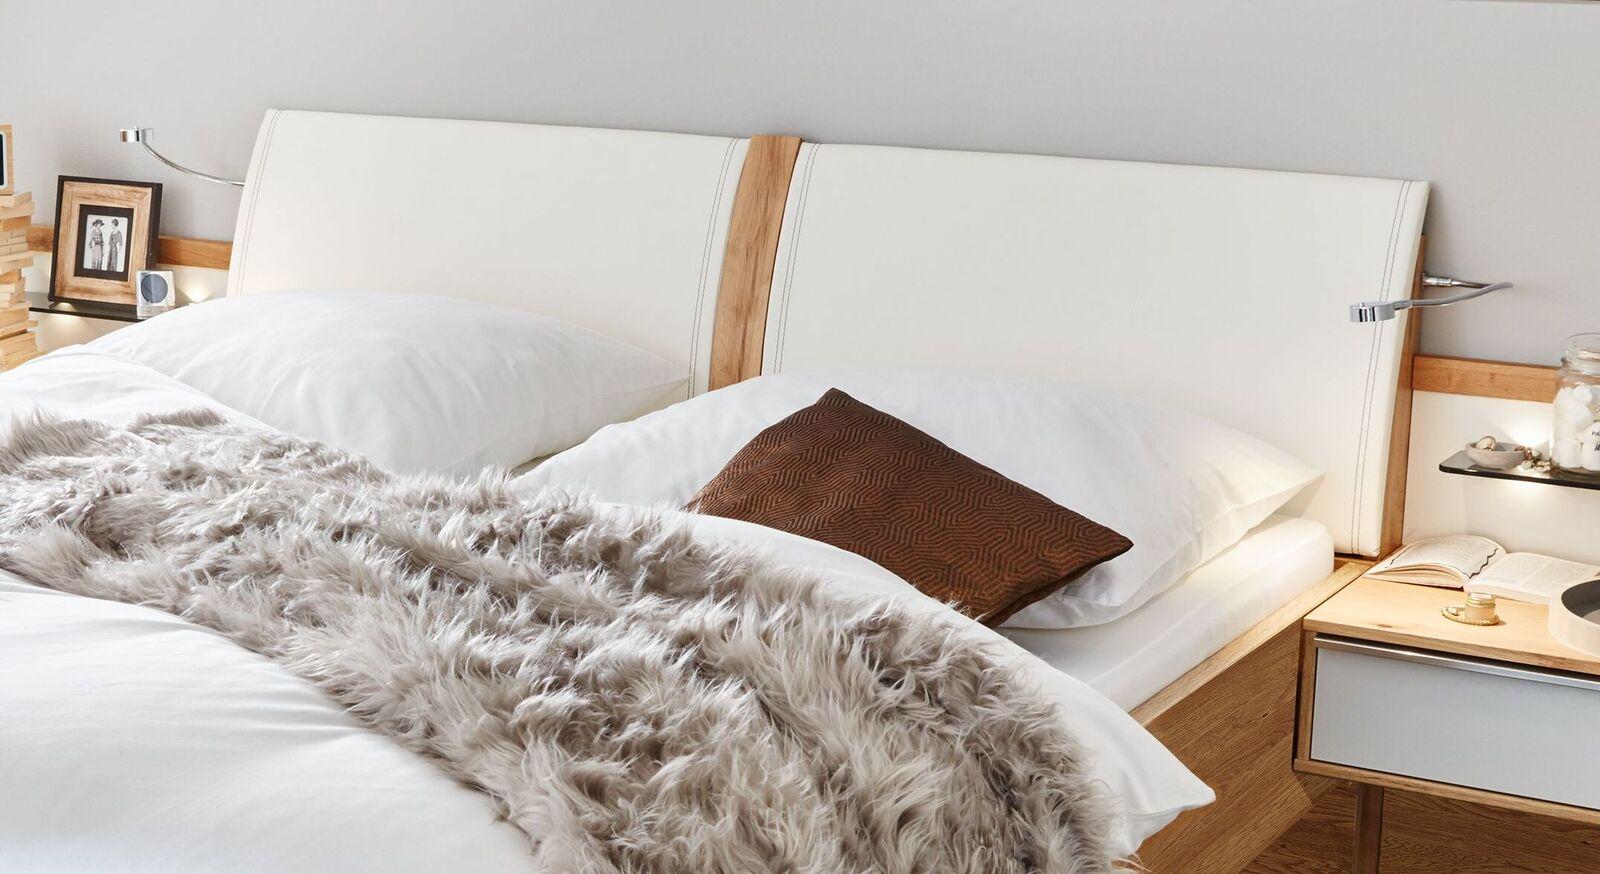 INTERLIVING Bett 1202 mit geteiltem Kopfteil